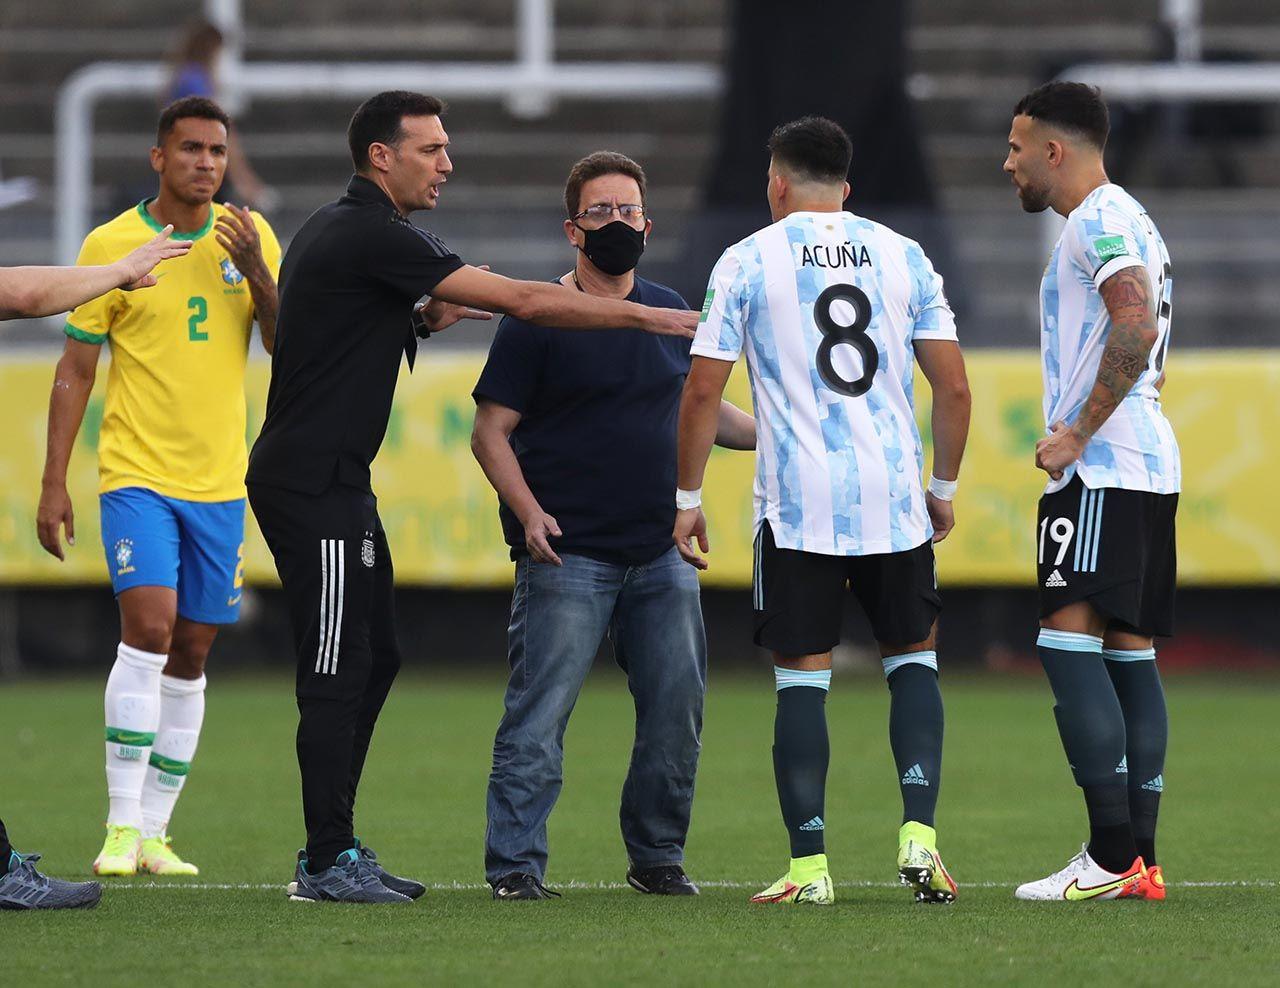 Brezilya-Arjantin maçında kaos! Maç yarıda kaldı - Resim: 2